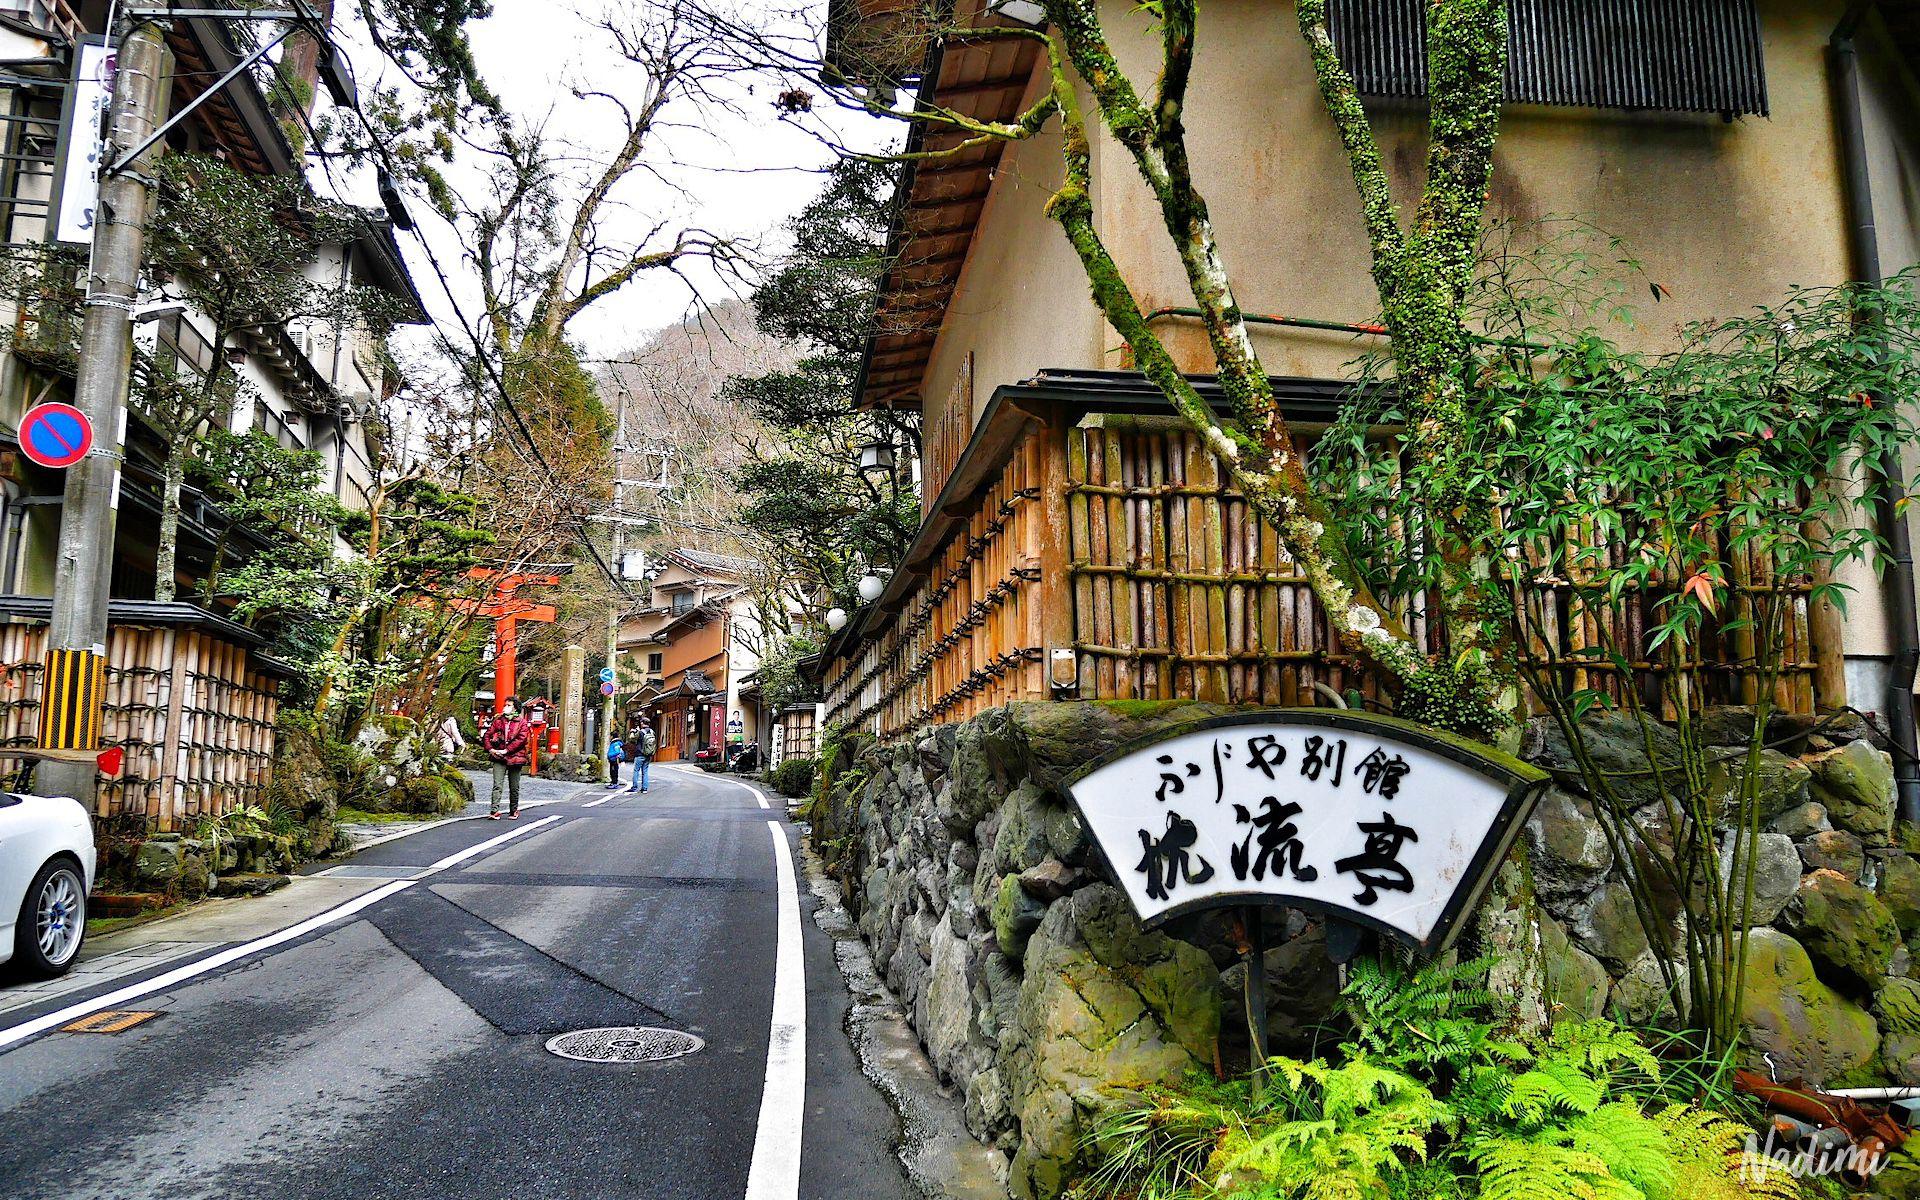 เที่ยวจังหวัดเกียวโต ที่เมืองคิบูเนะ (Kibune)